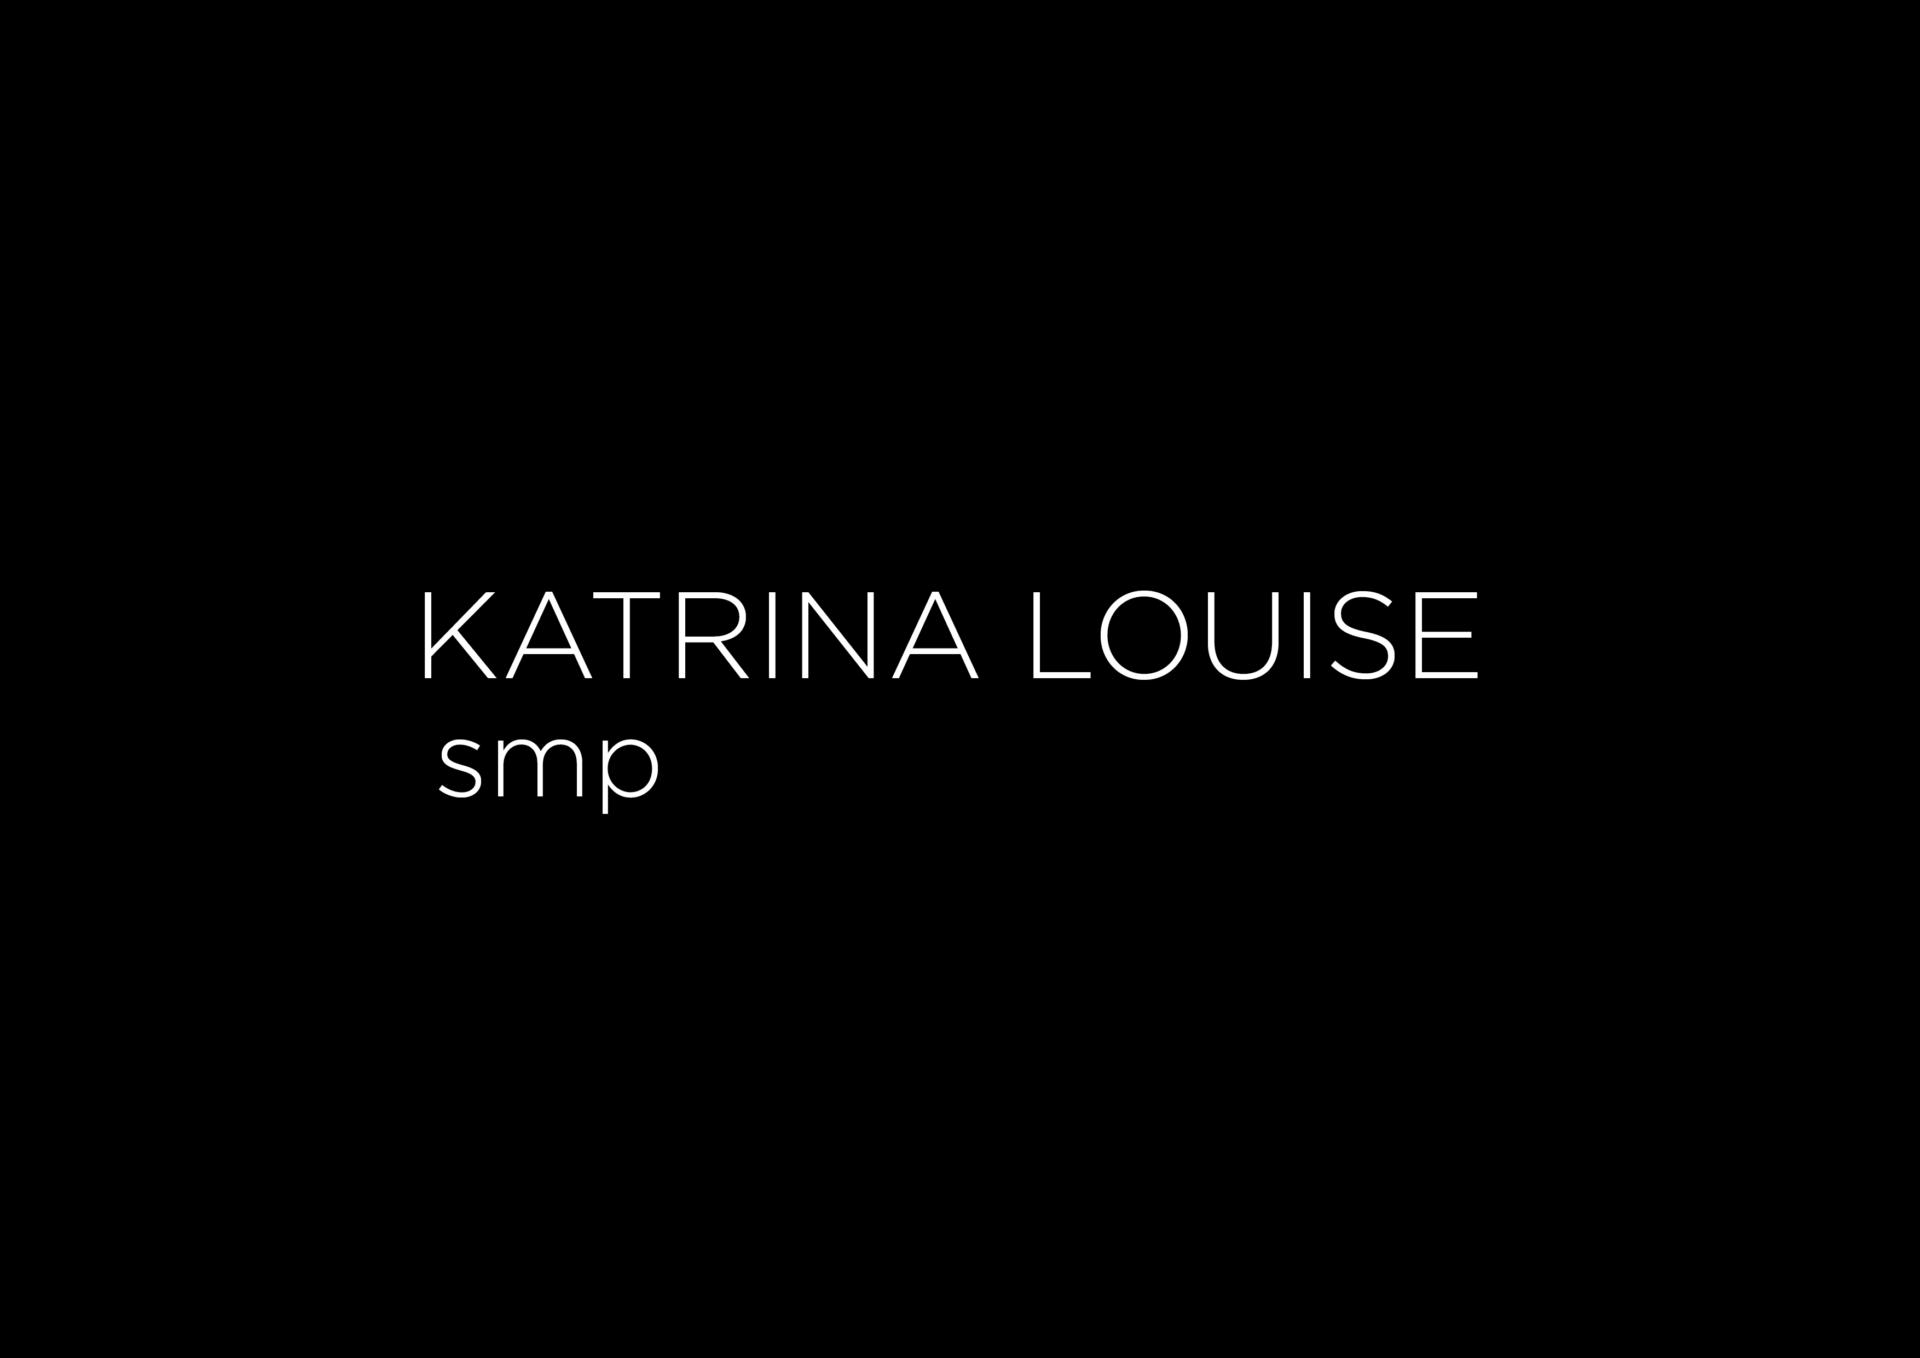 Kat logo smp-01